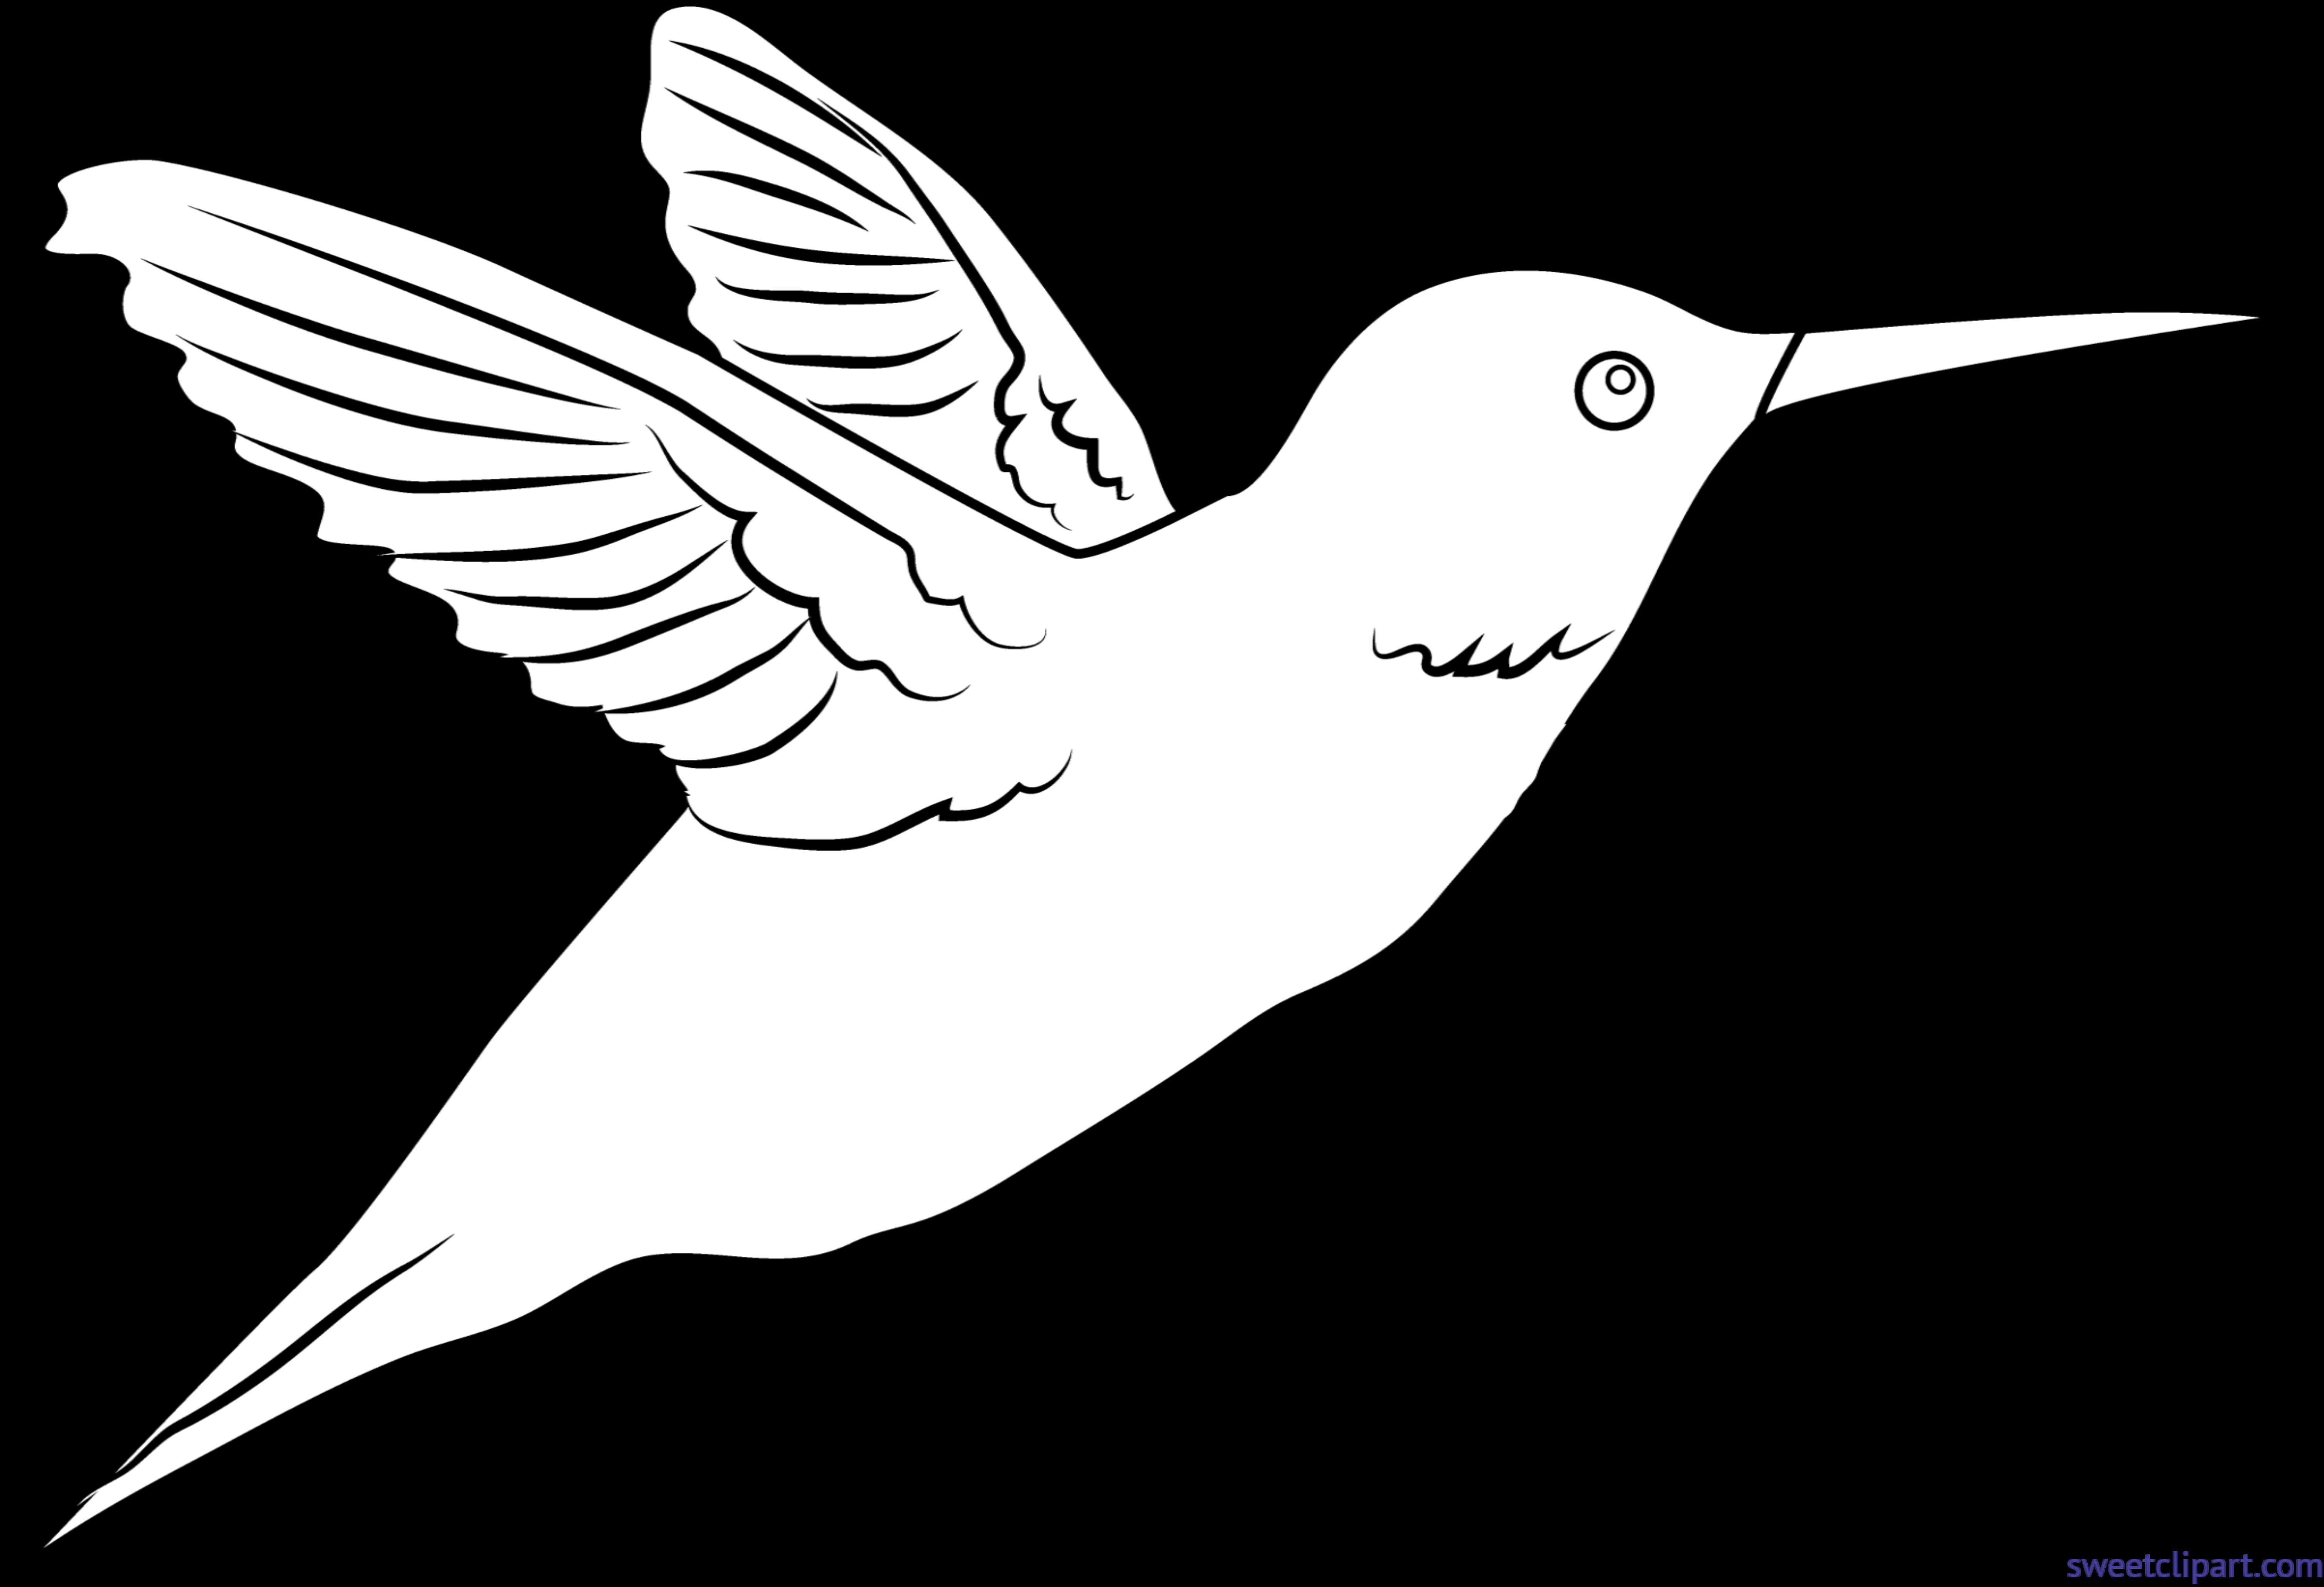 Lineart sweet. Hummingbird clipart clip art